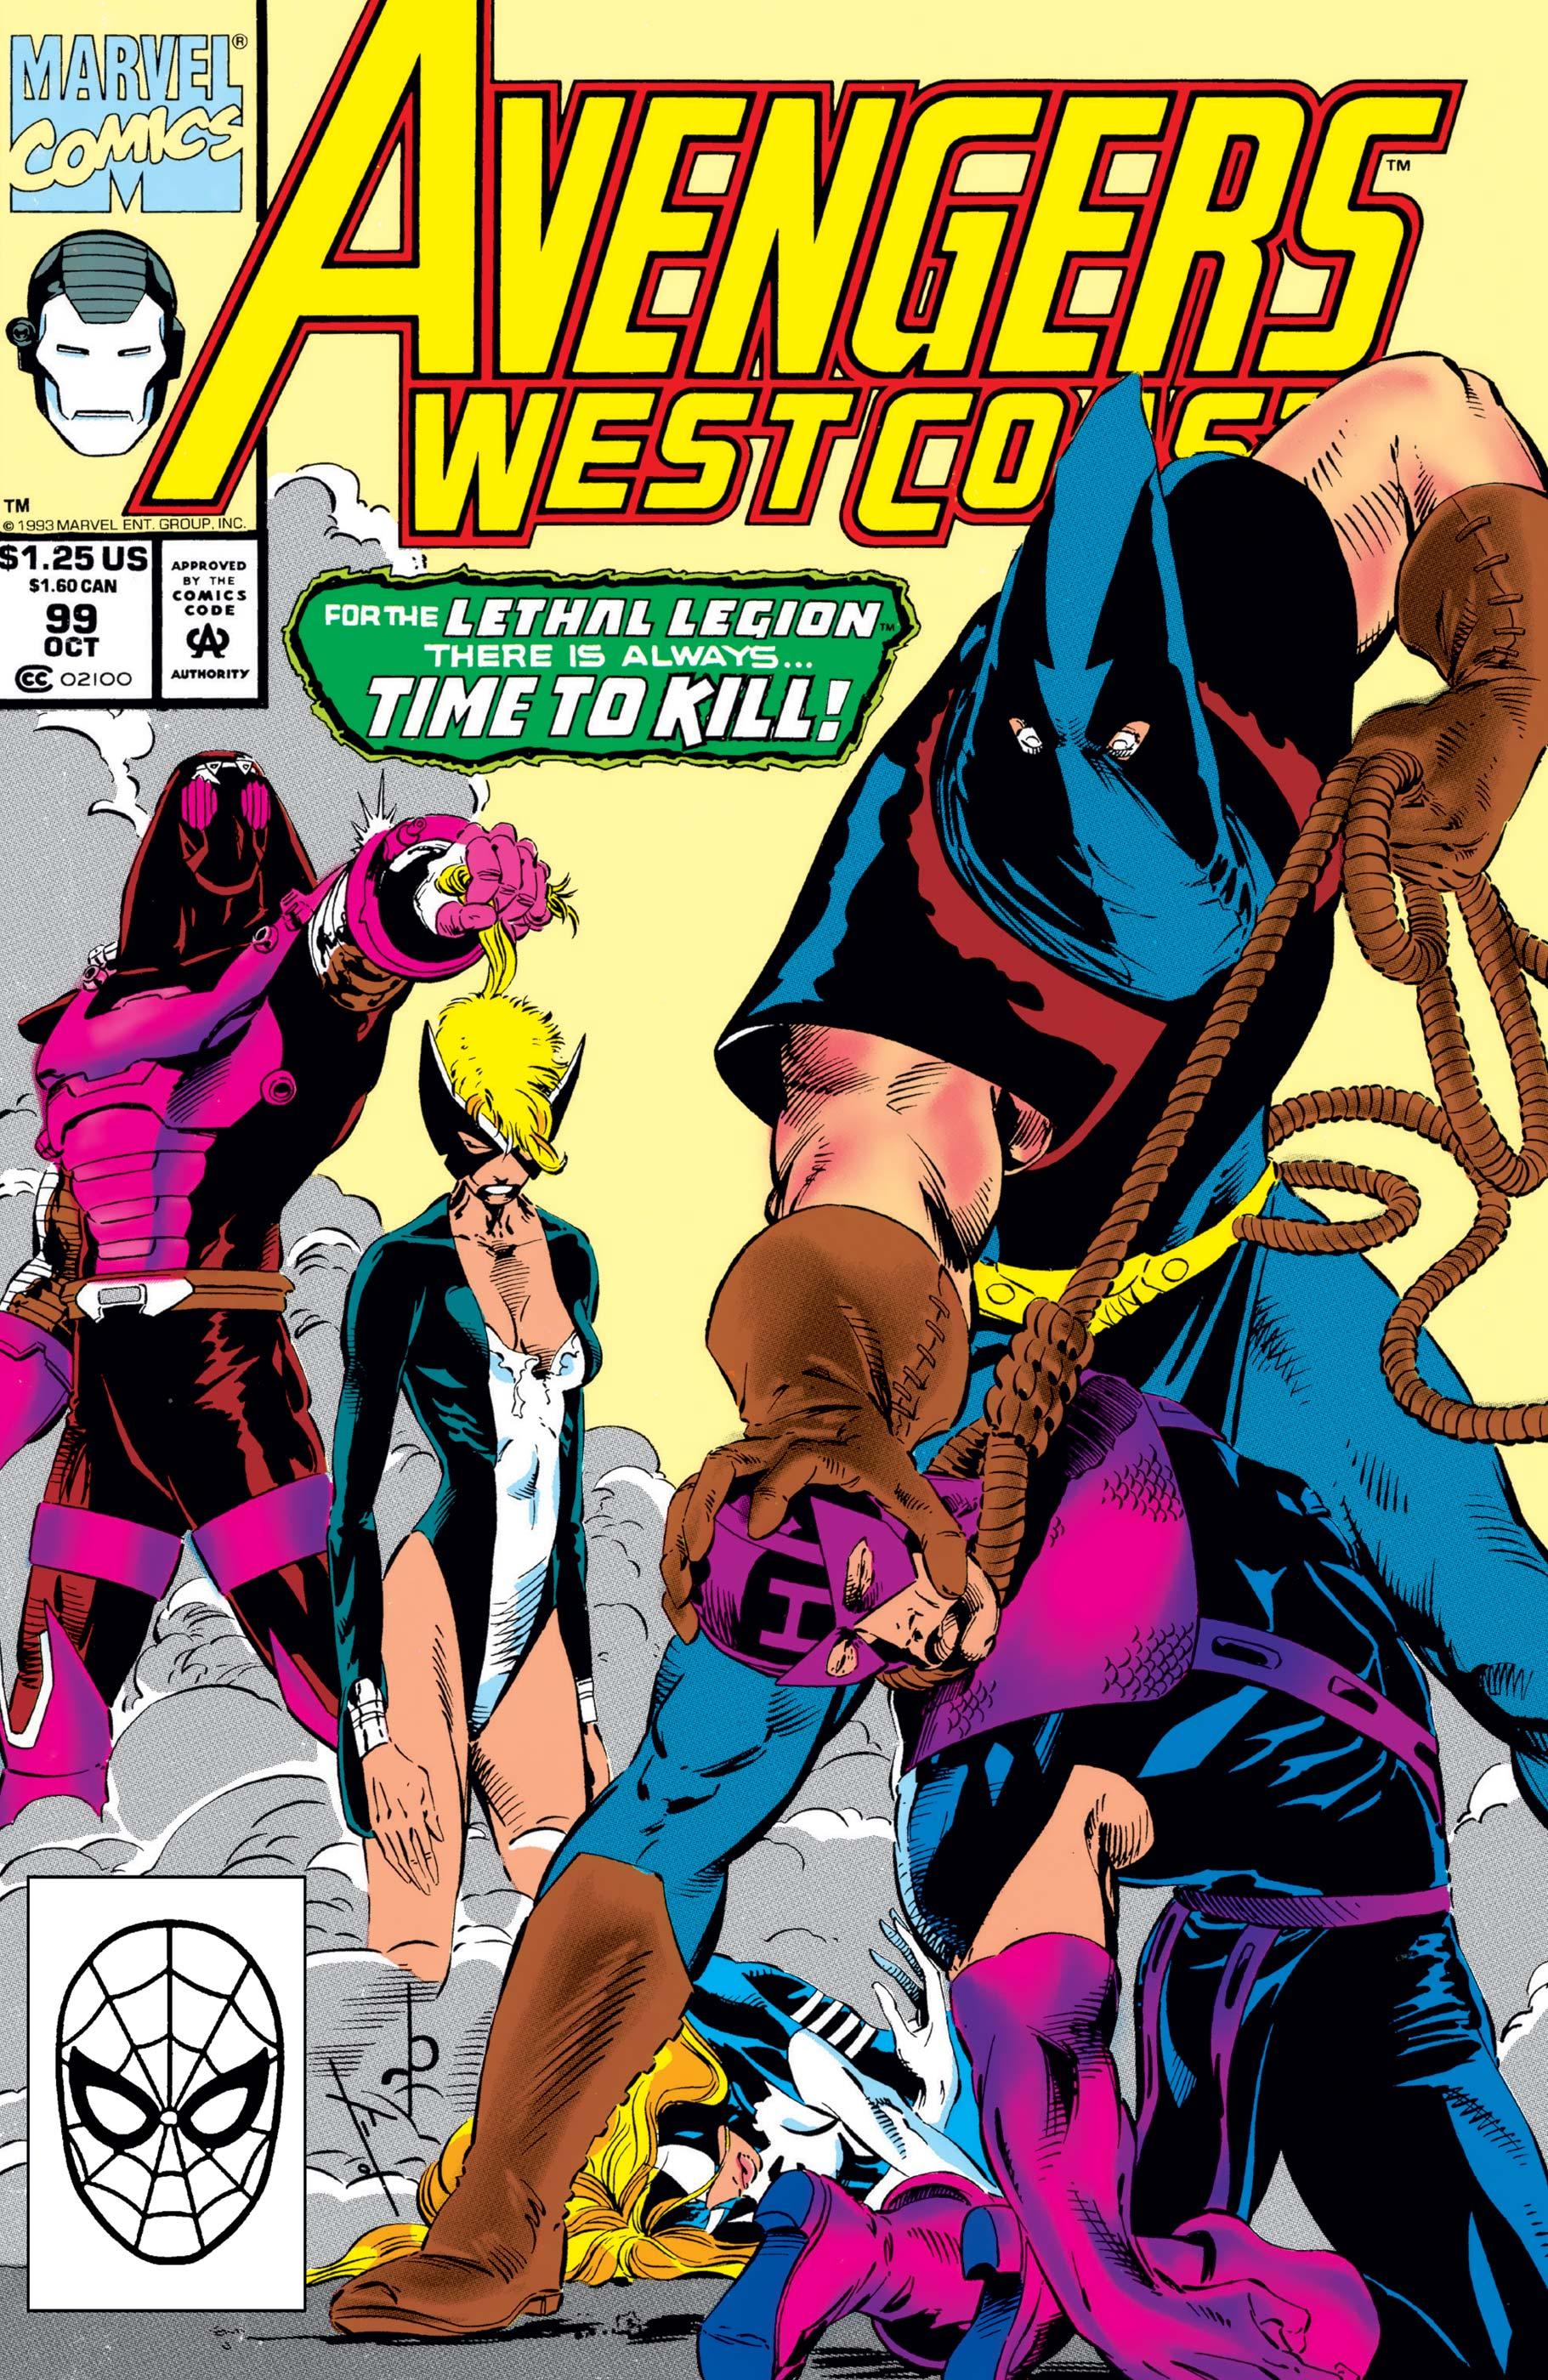 West Coast Avengers (1985) #99